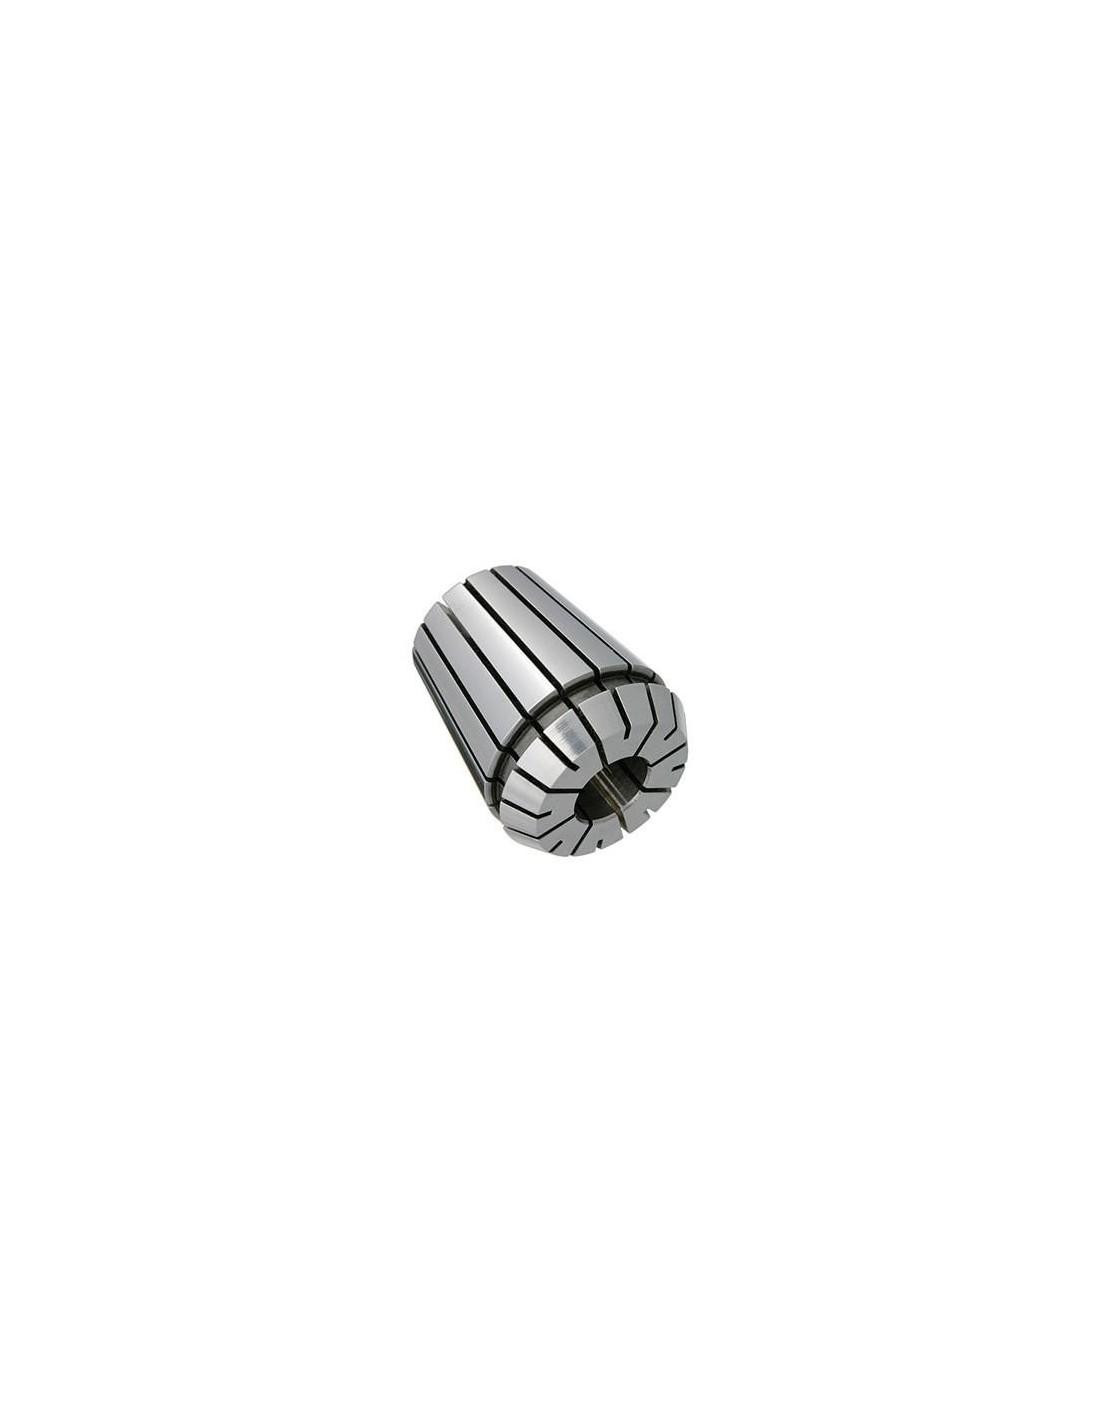 Bucsa elastica Canela tip ER 16, DIN 6499B, 9,0 mm